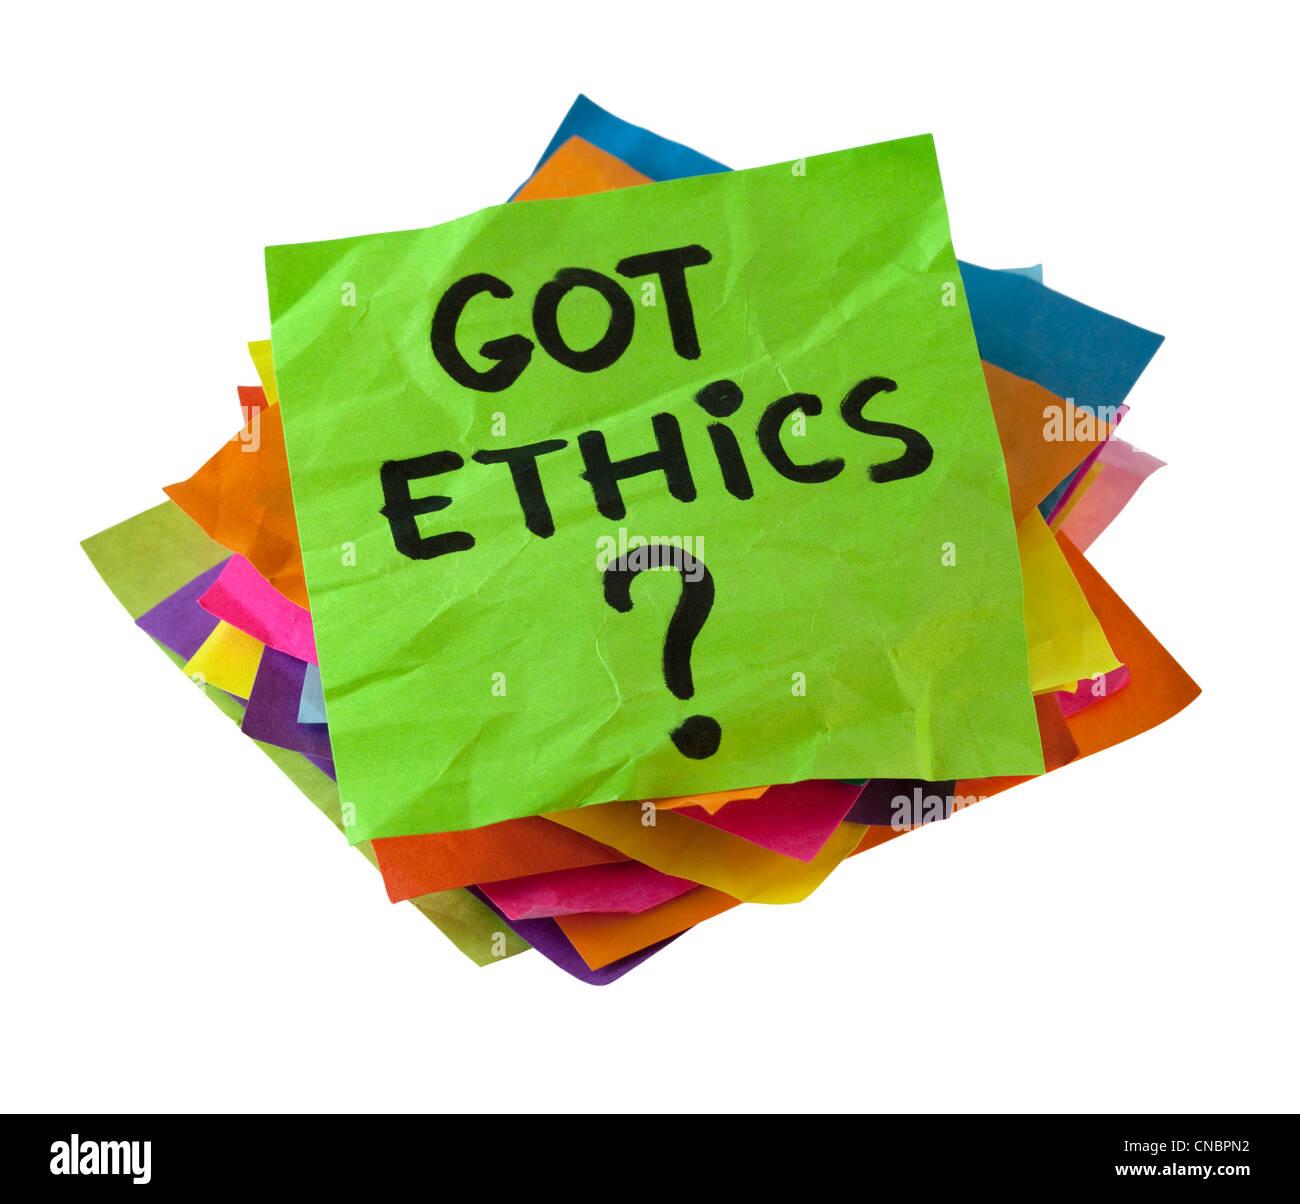 Got etica? Sei questione etica. Una pila di colorate note di promemoria isolato su bianco con percorso di clipping. Immagini Stock